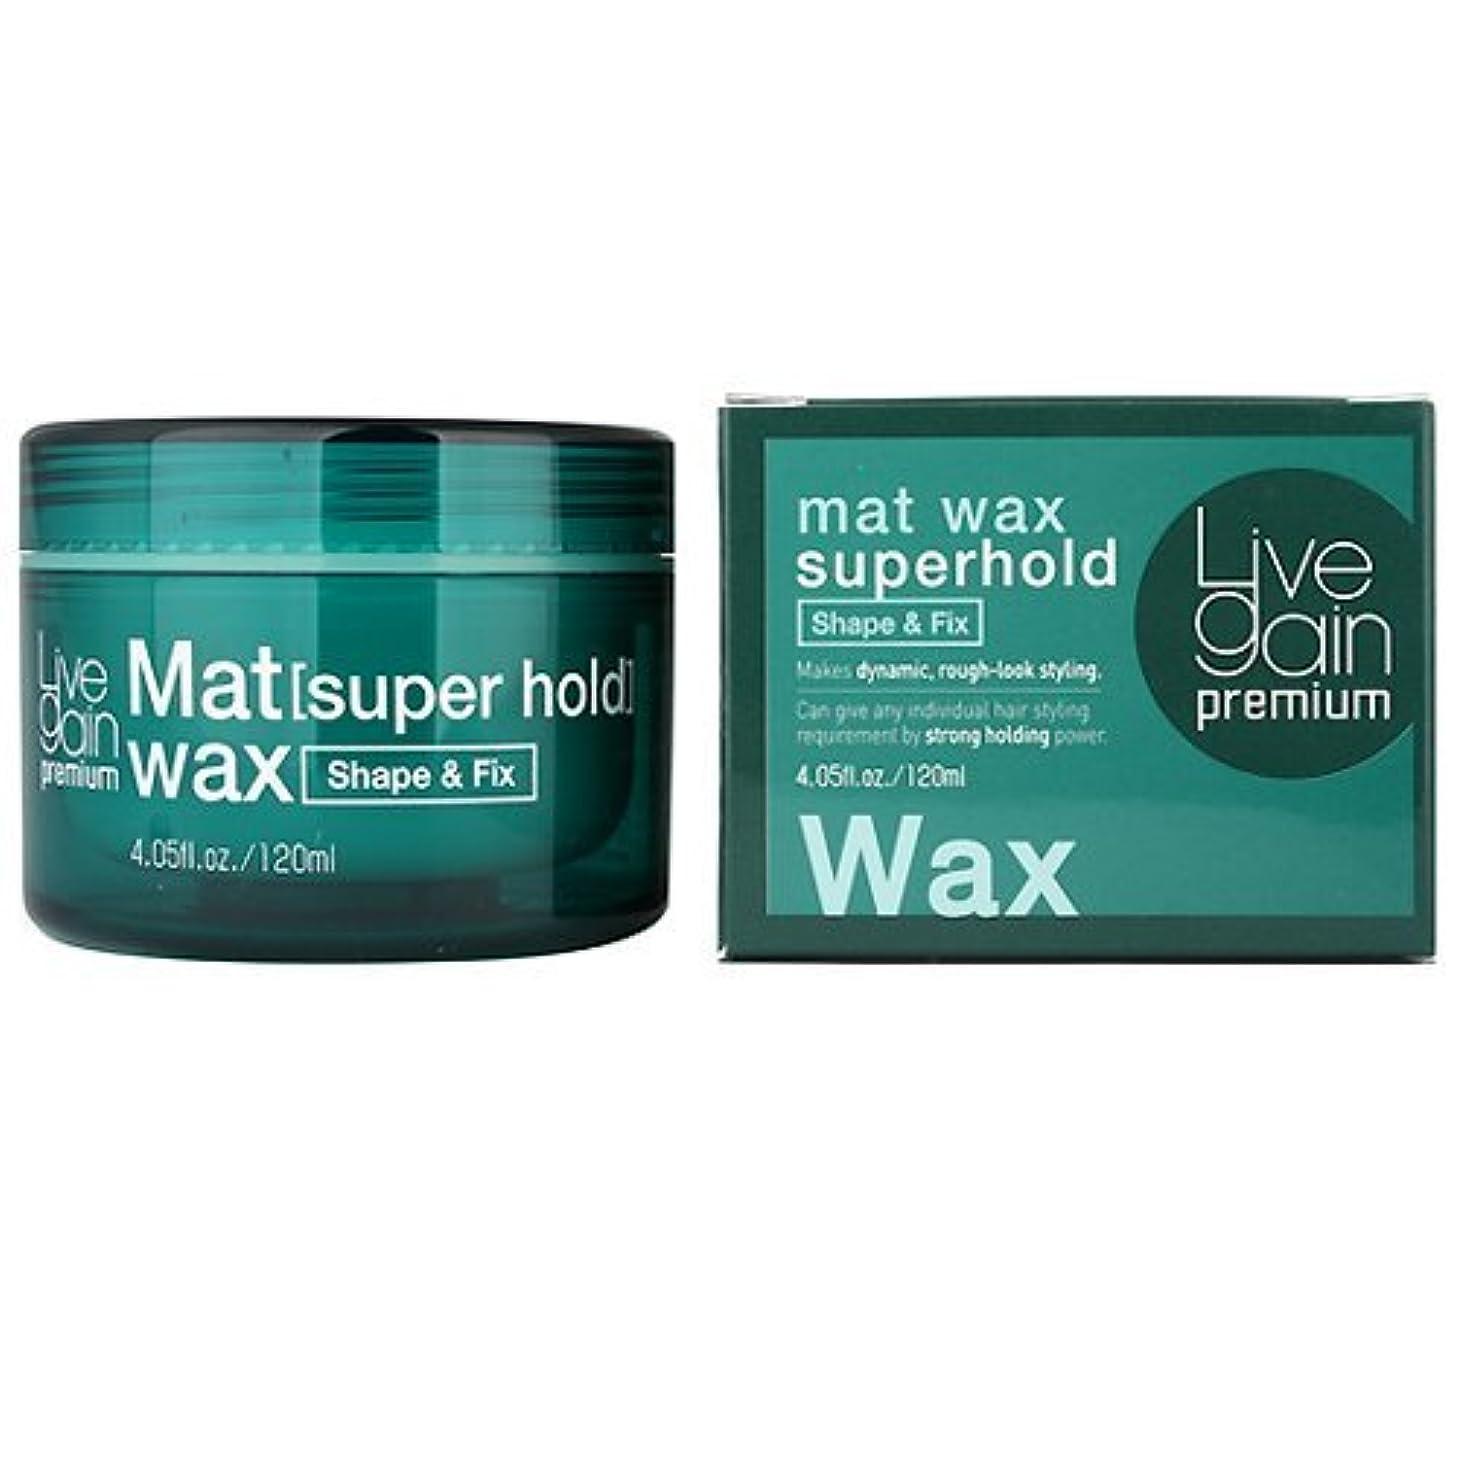 値する国民ピボットLivegain プレミアム マット ワックス スーパーホールド 120ml マット ヘア ワックス ストロング ホールド (Premium Mat Wax Superhold 120ml Matte Hair wax Strong Hold ) [並行輸入品]